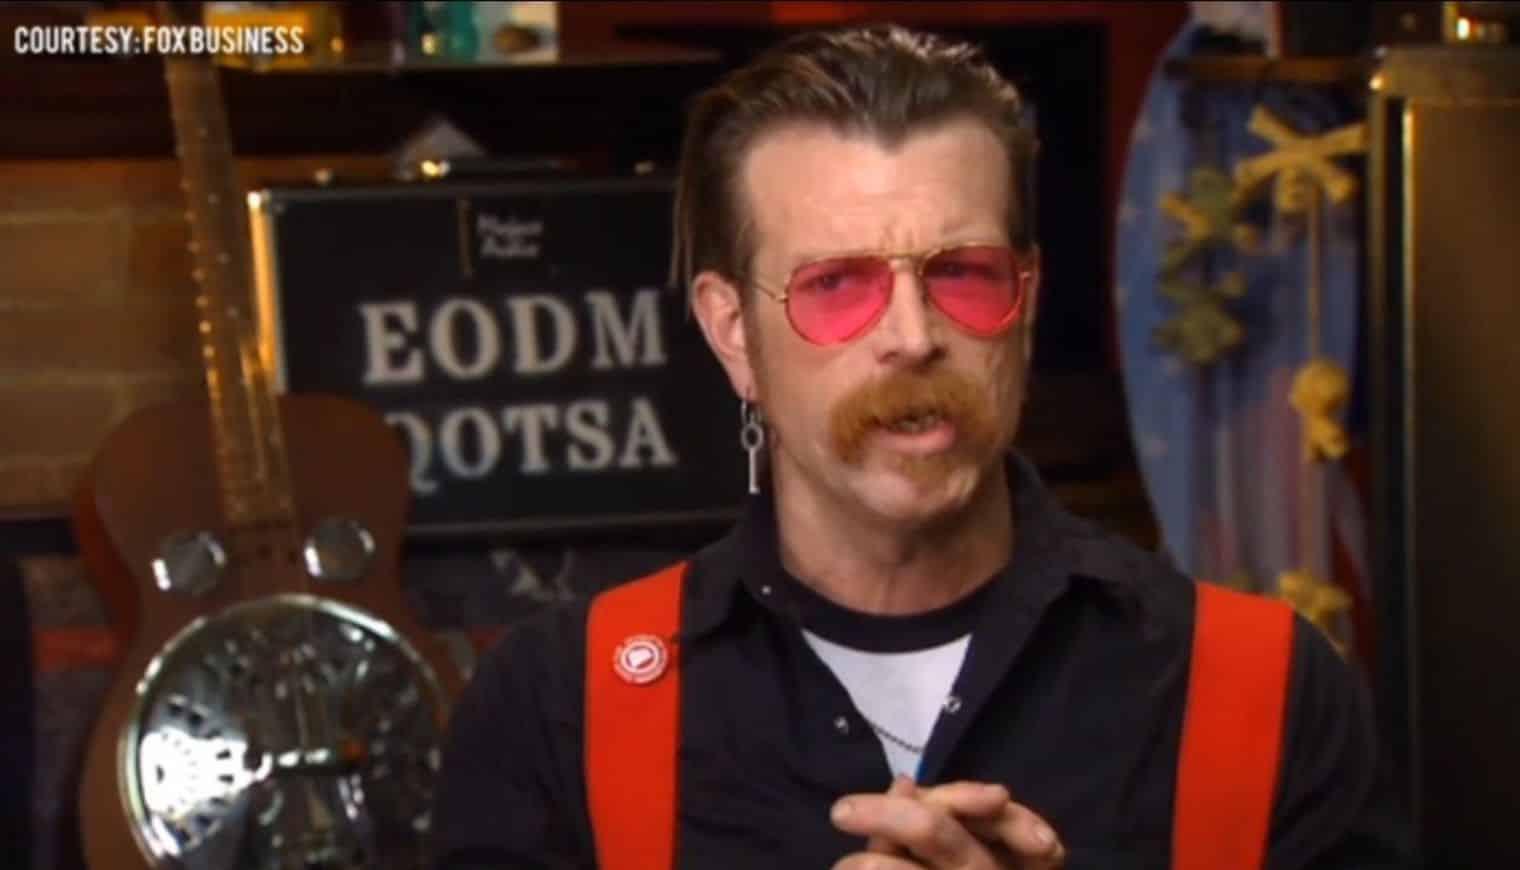 Le chanteur et guitariste des Eagles of Death Metal